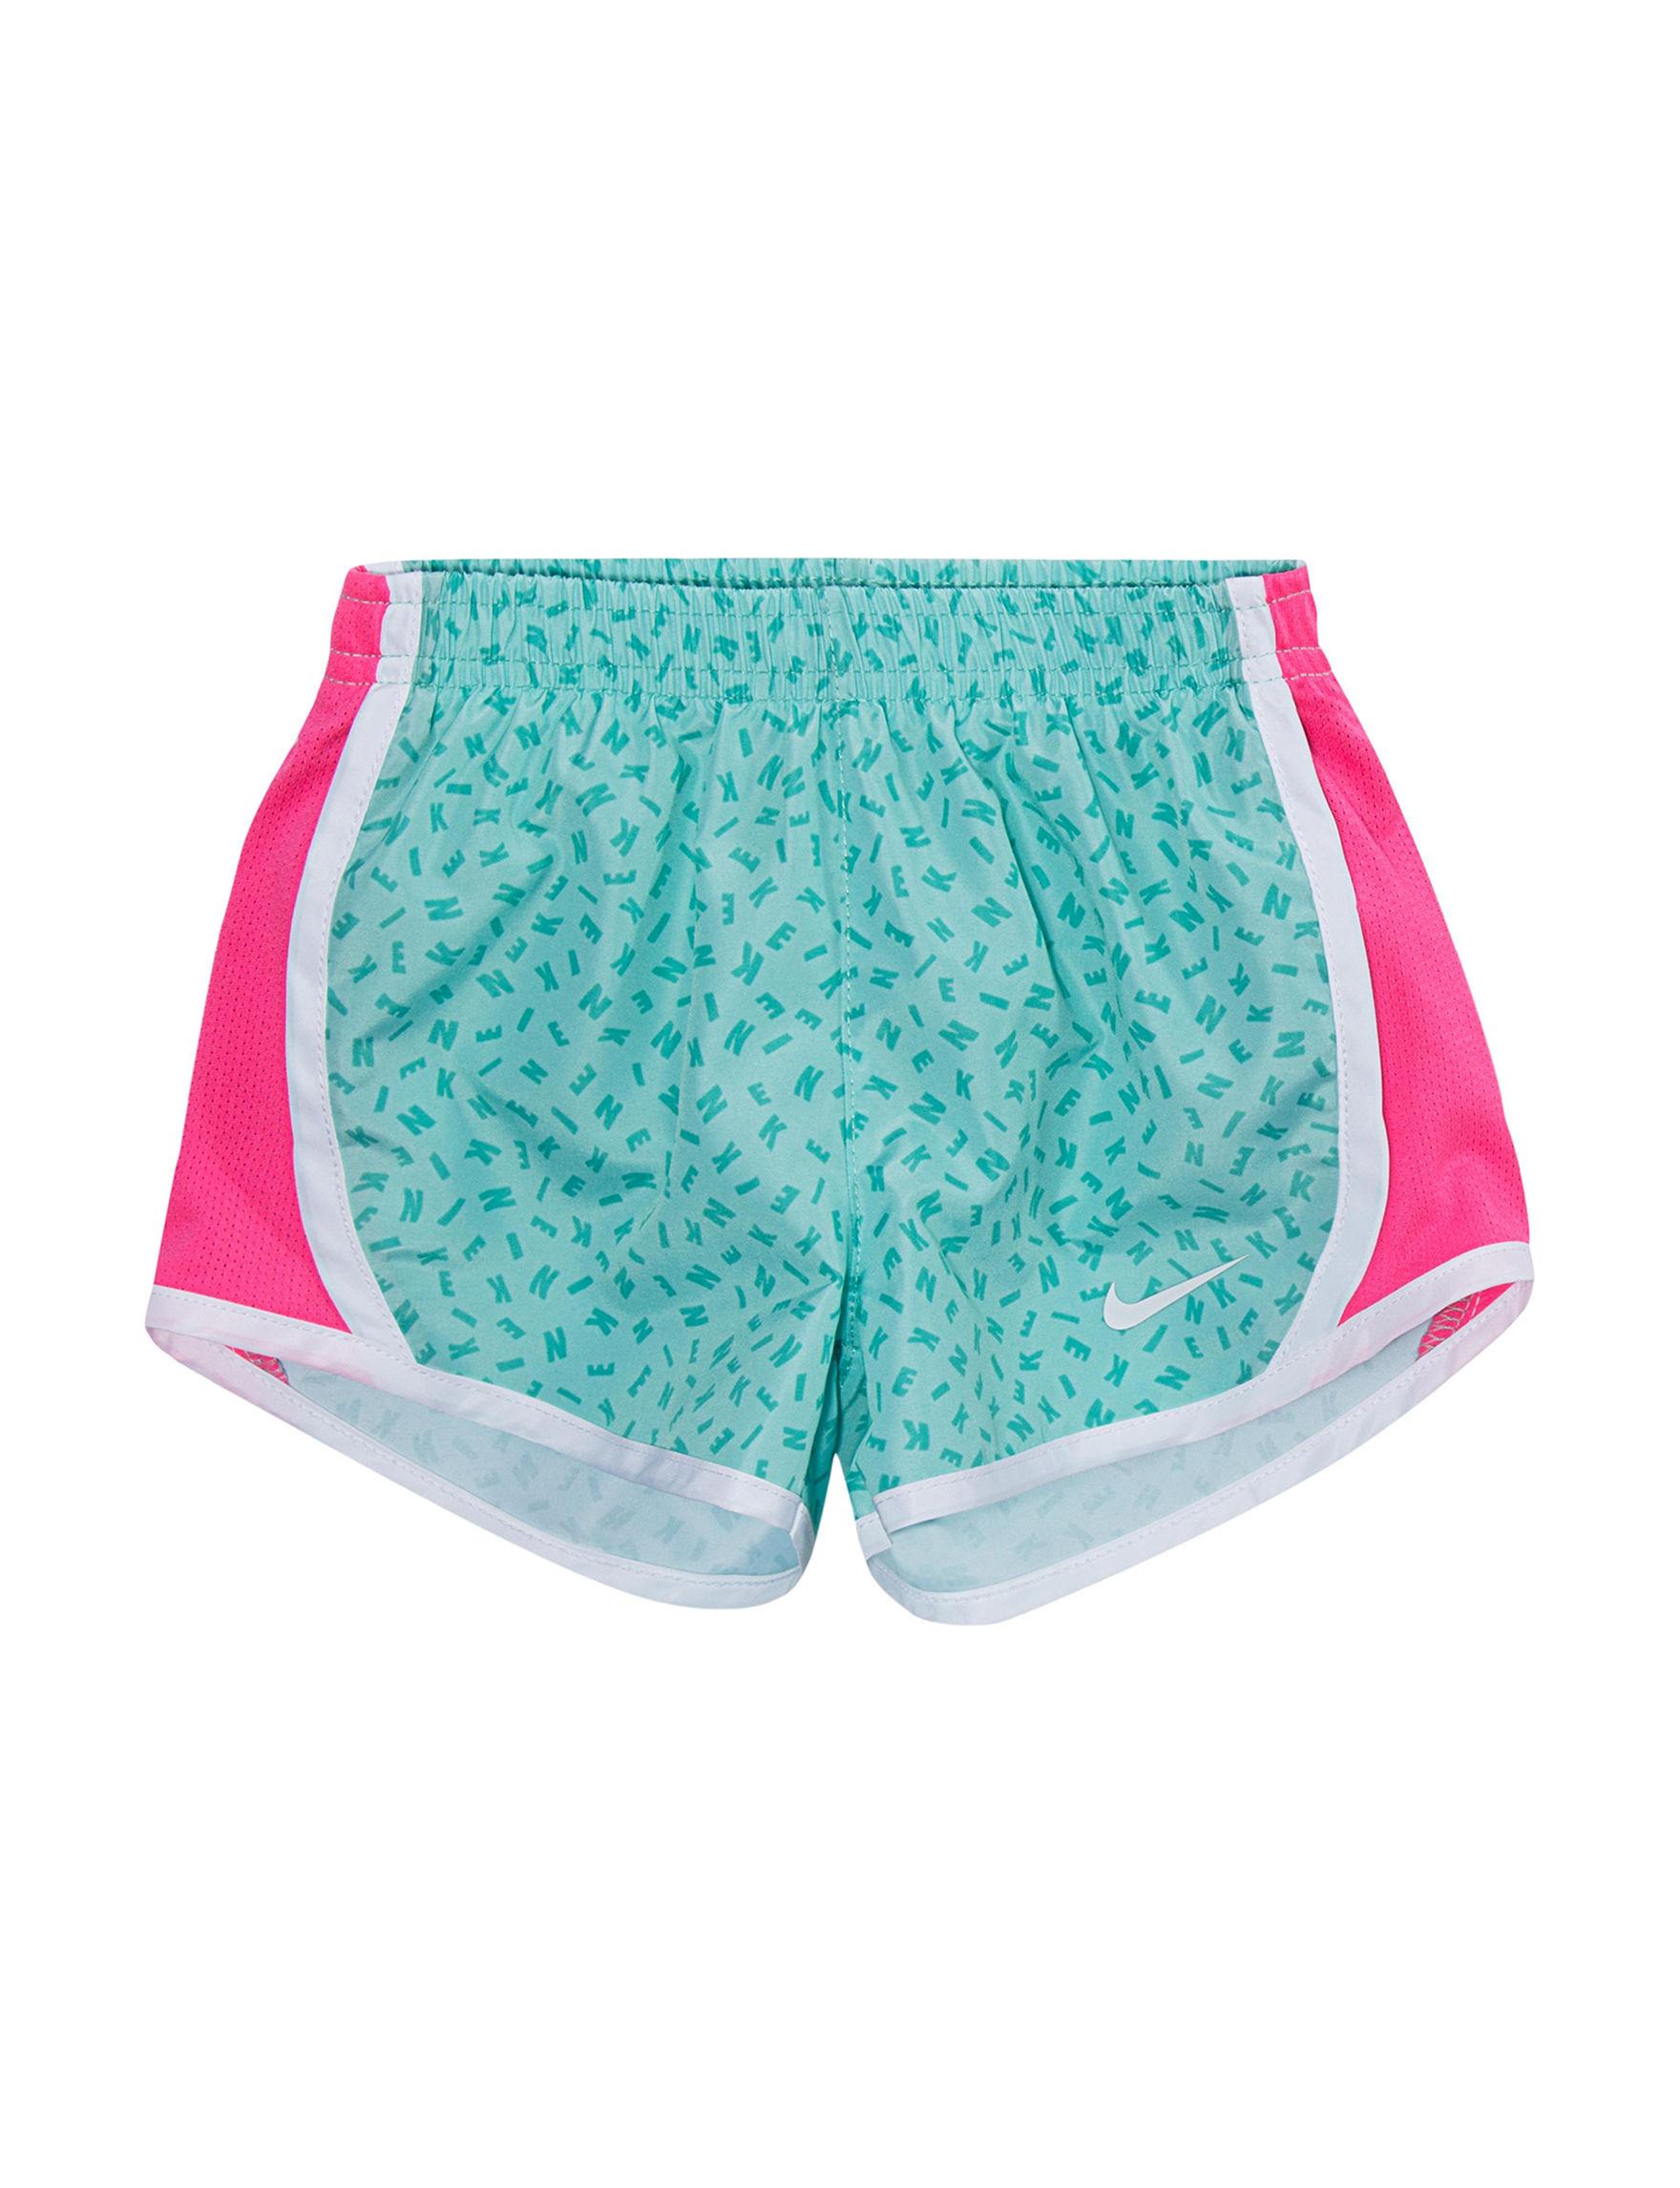 Nike Green / White / Pink